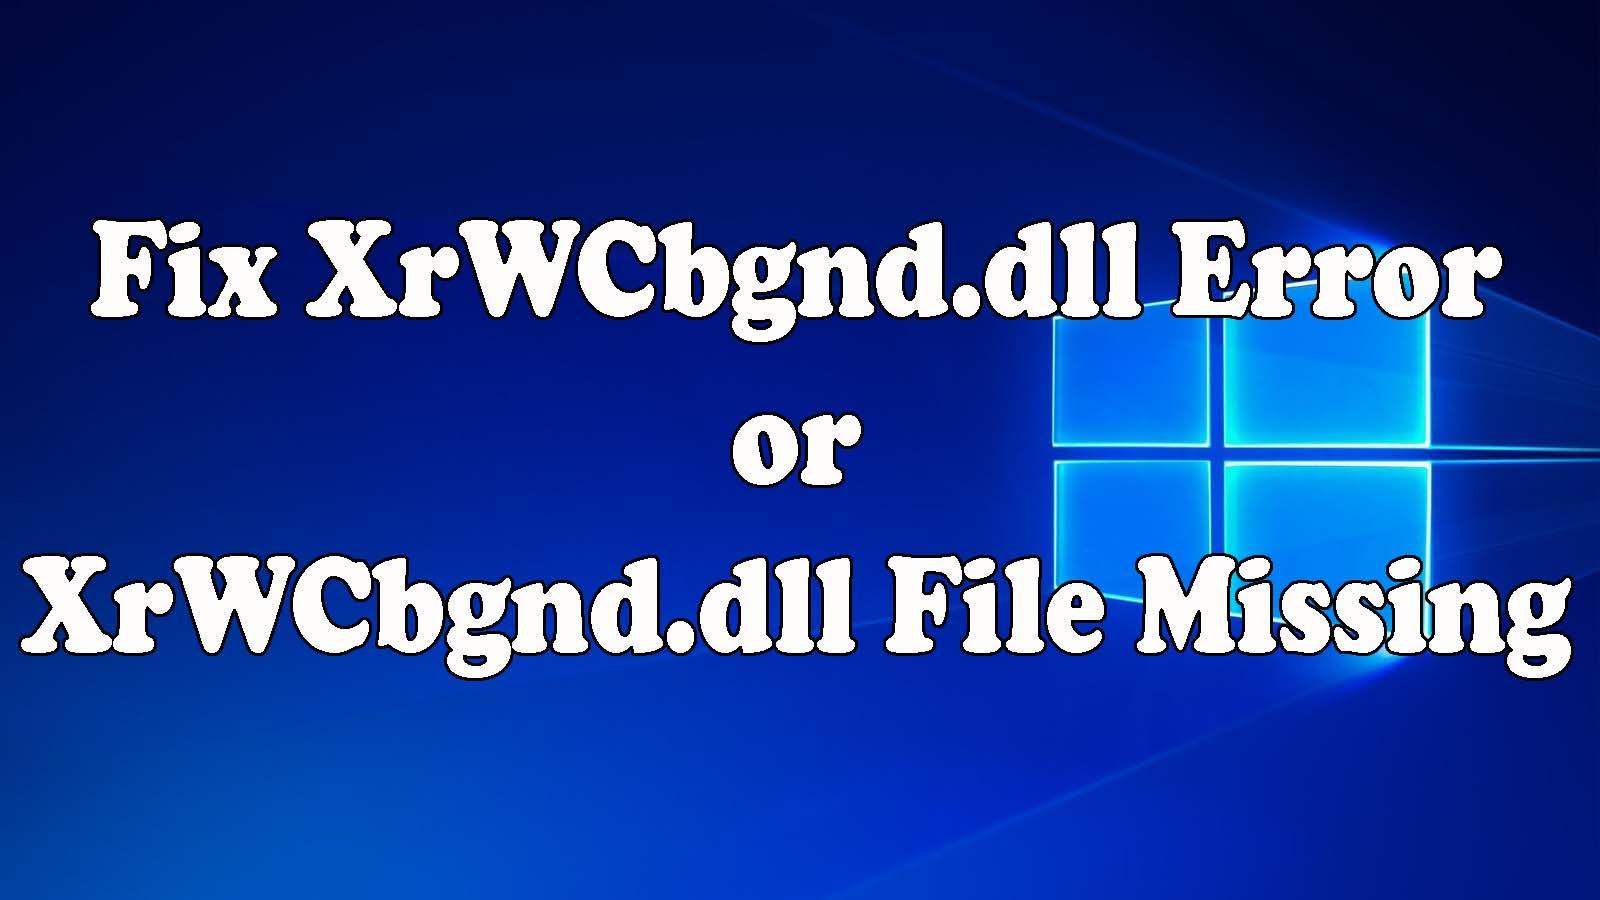 fix XrWCbgnd.dll error or XrWCbgnd.dll file missing